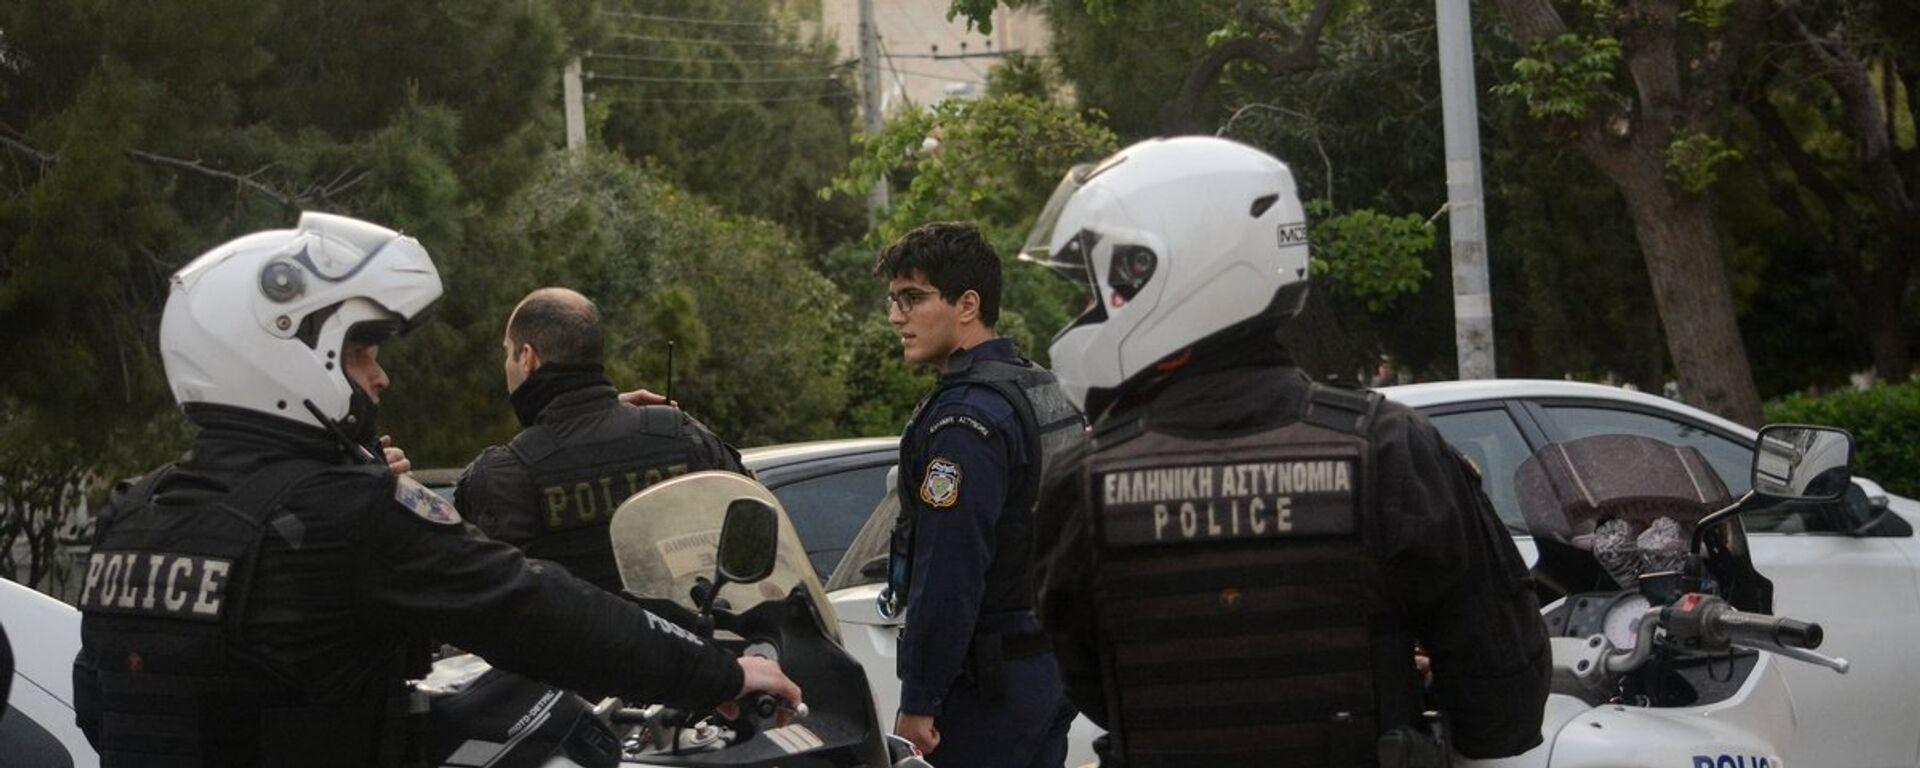 Αστυνομικοί - Sputnik Ελλάδα, 1920, 05.11.2020